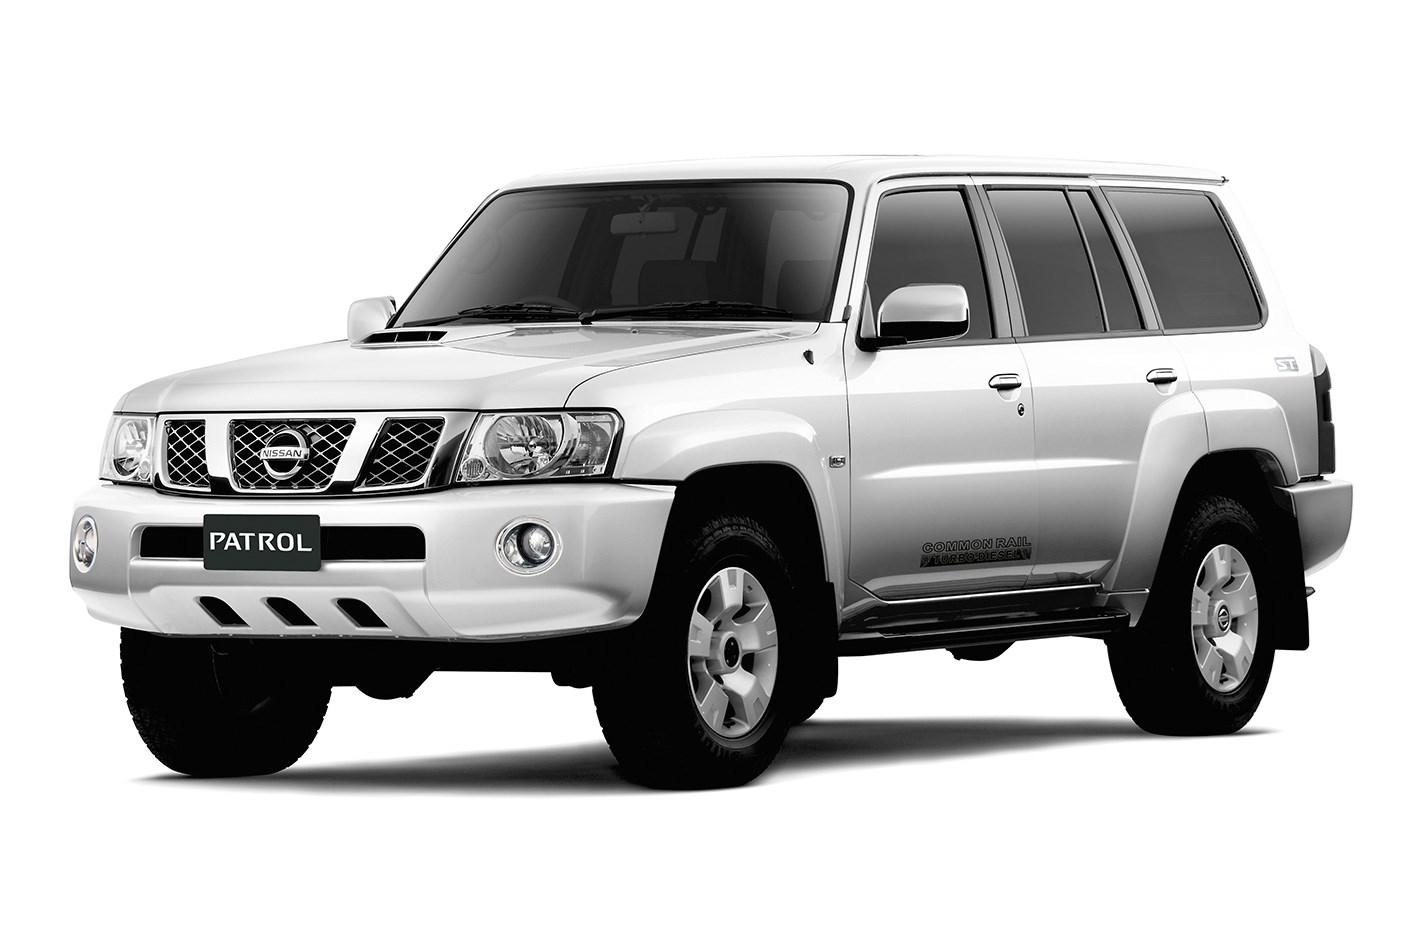 2016 nissan patrol st n trek 30l 4cyl diesel turbocharged manual 2016 nissan patrol st n trek 30l 4cyl diesel turbocharged manual suv vanachro Image collections